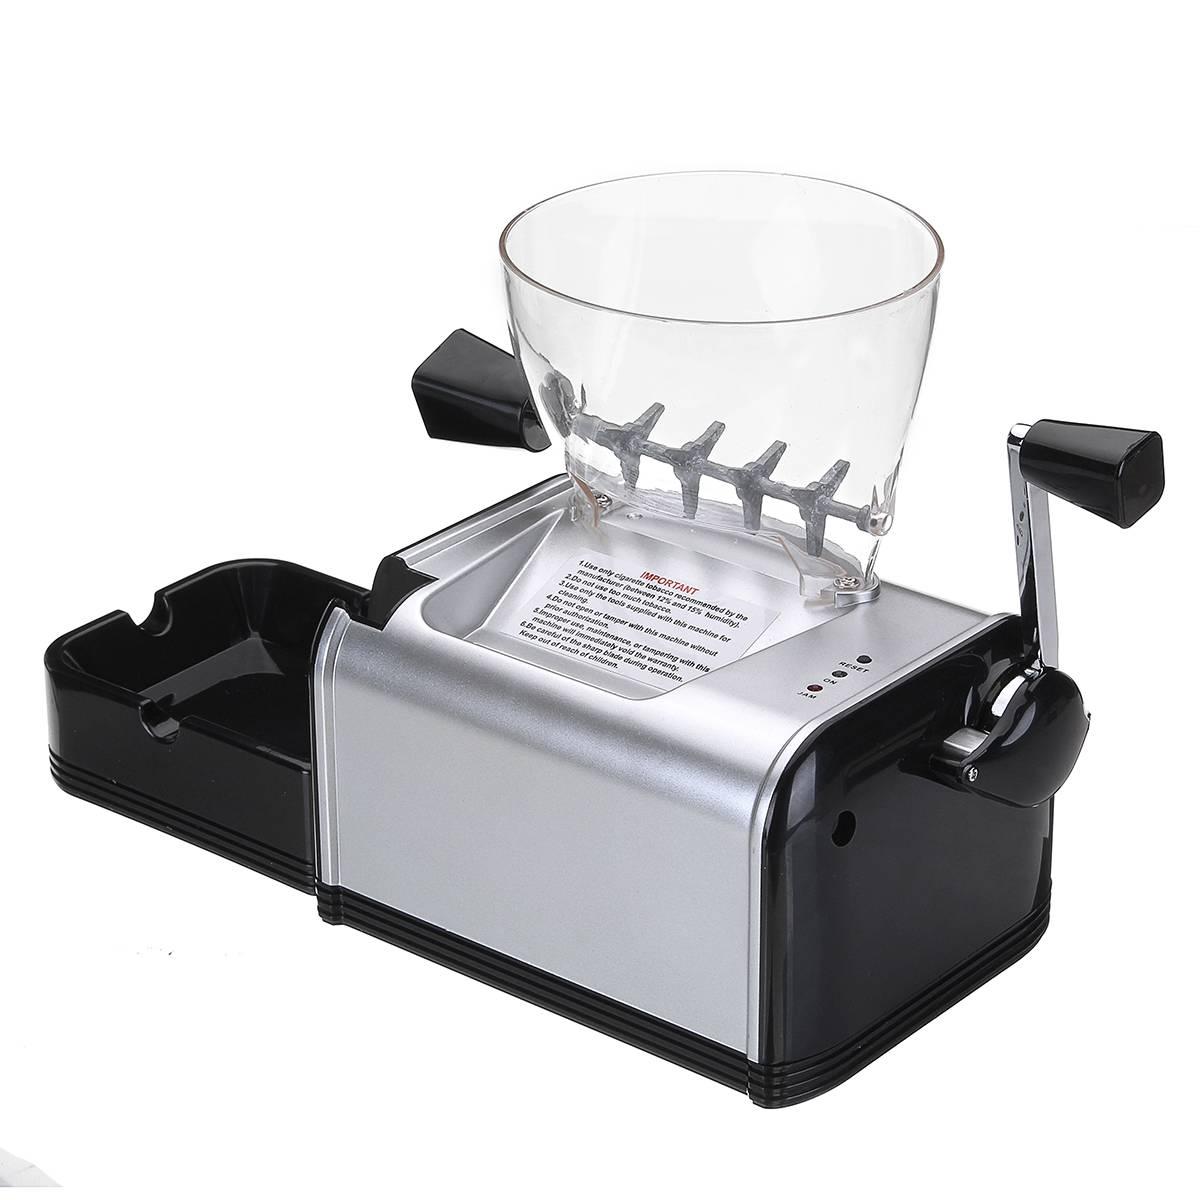 Автоматическая электрическая машина для изготовления сигарет машина табака электронная инжектор чайник ролик легко портативный инструме...